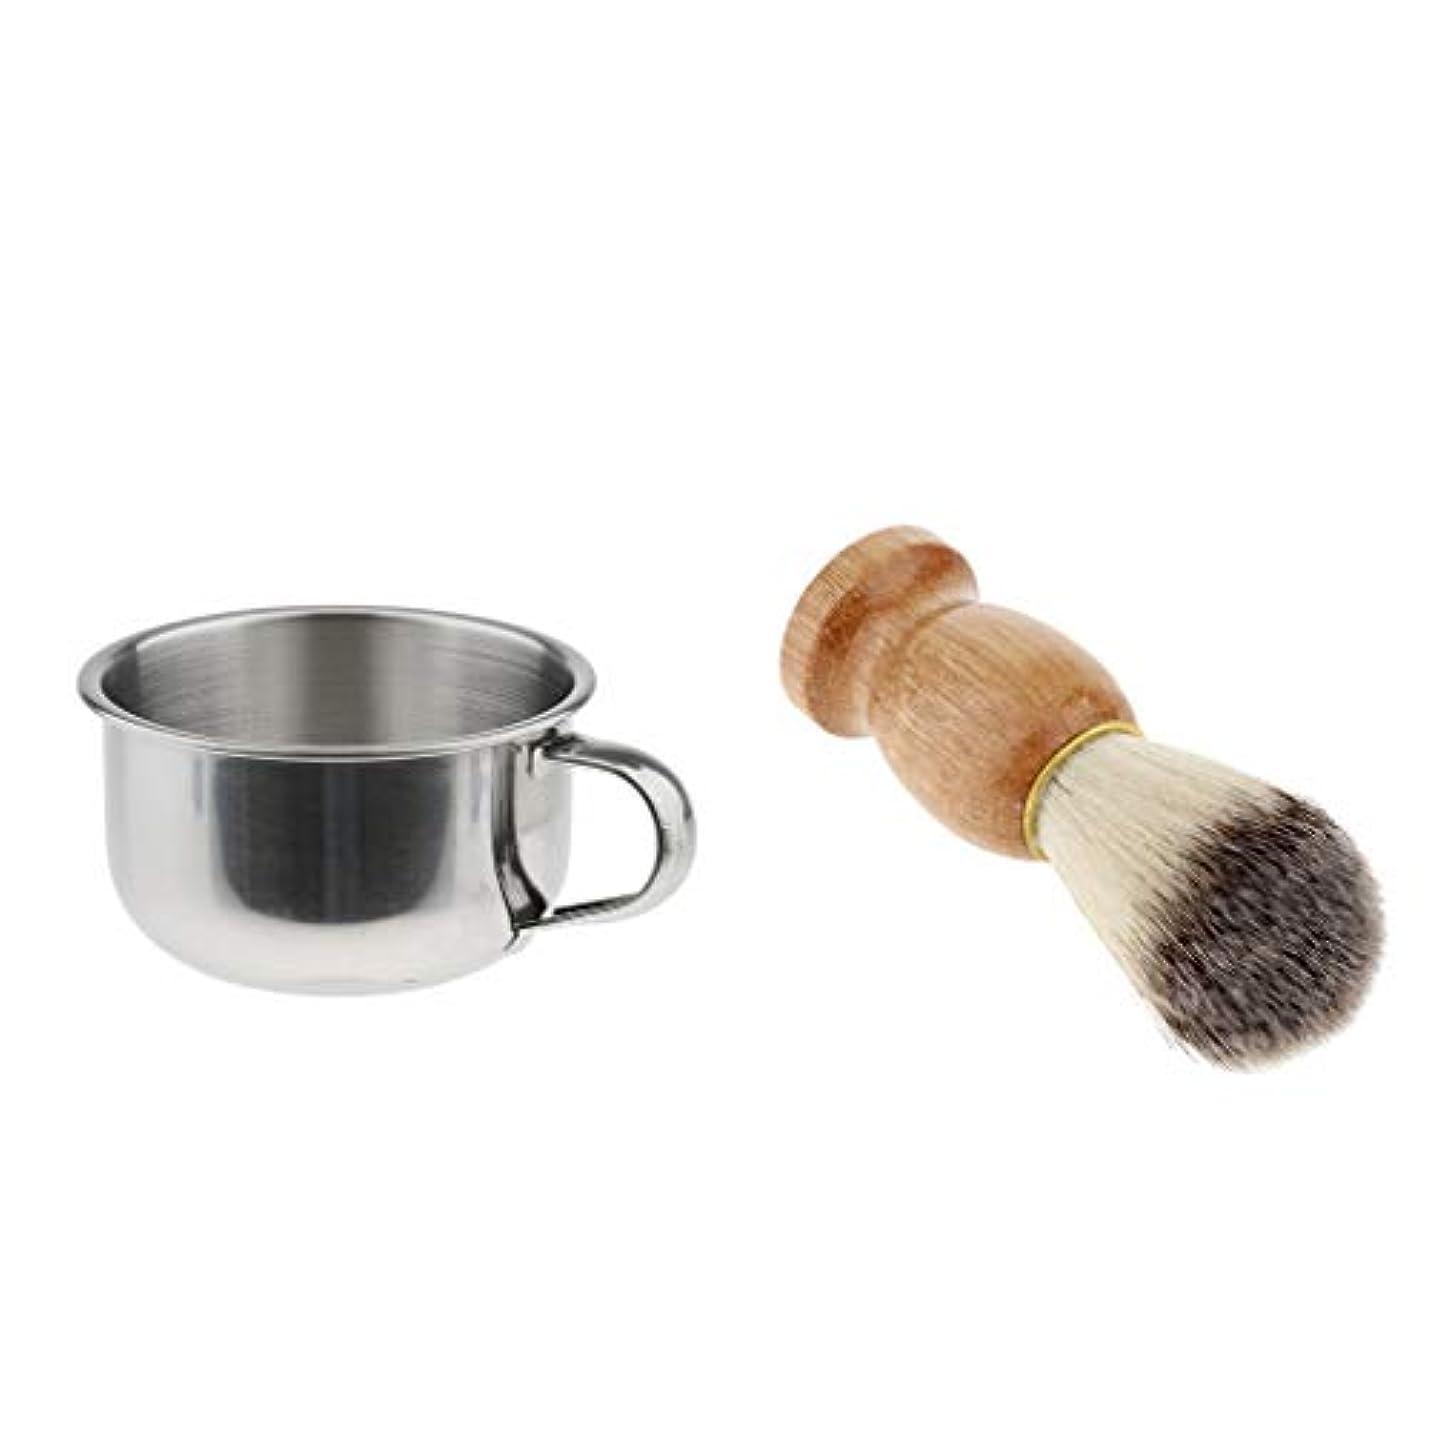 ワックス罪悪感しないsharprepublic シェービングブラシ 理容 洗顔 髭剃り メンズ 石鹸ボウル シェービングマグ 髭剃り